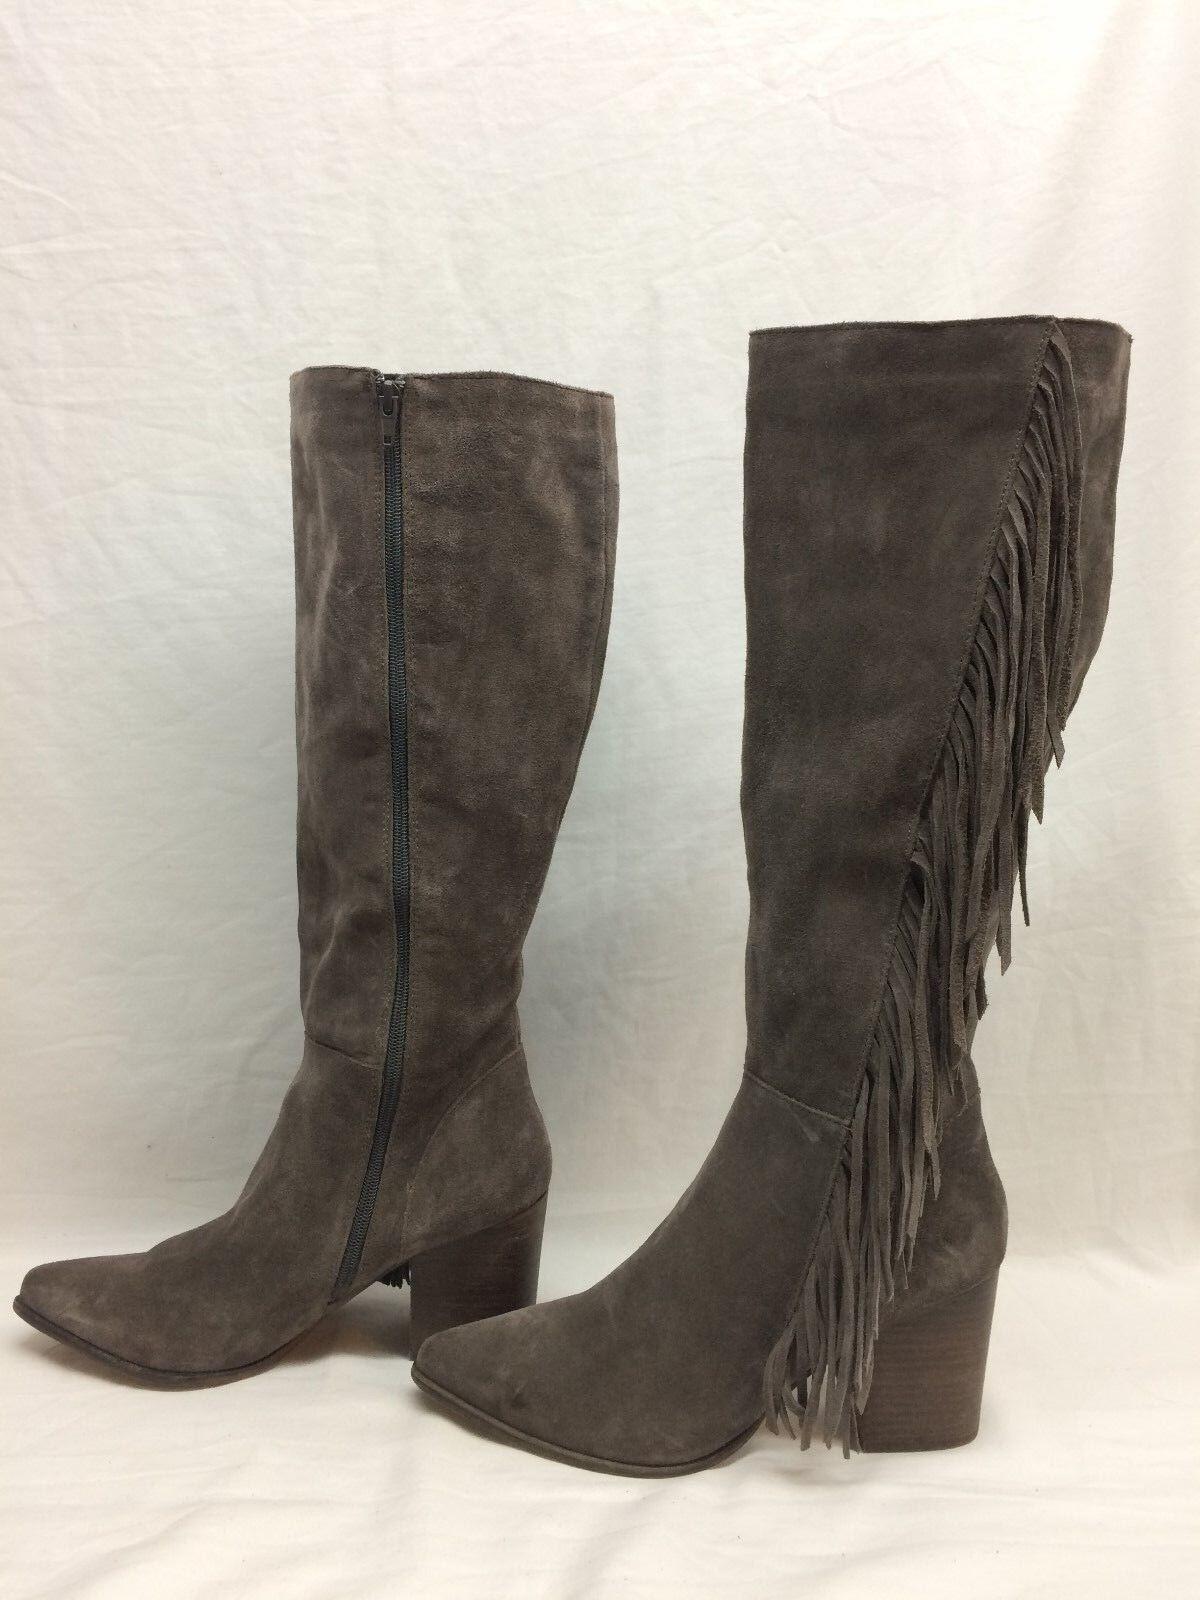 Steve Madden Para Mujer botas largas cacos Taupe, Taupe, Taupe, tamaño 10B G de Estados Unidos  autorización